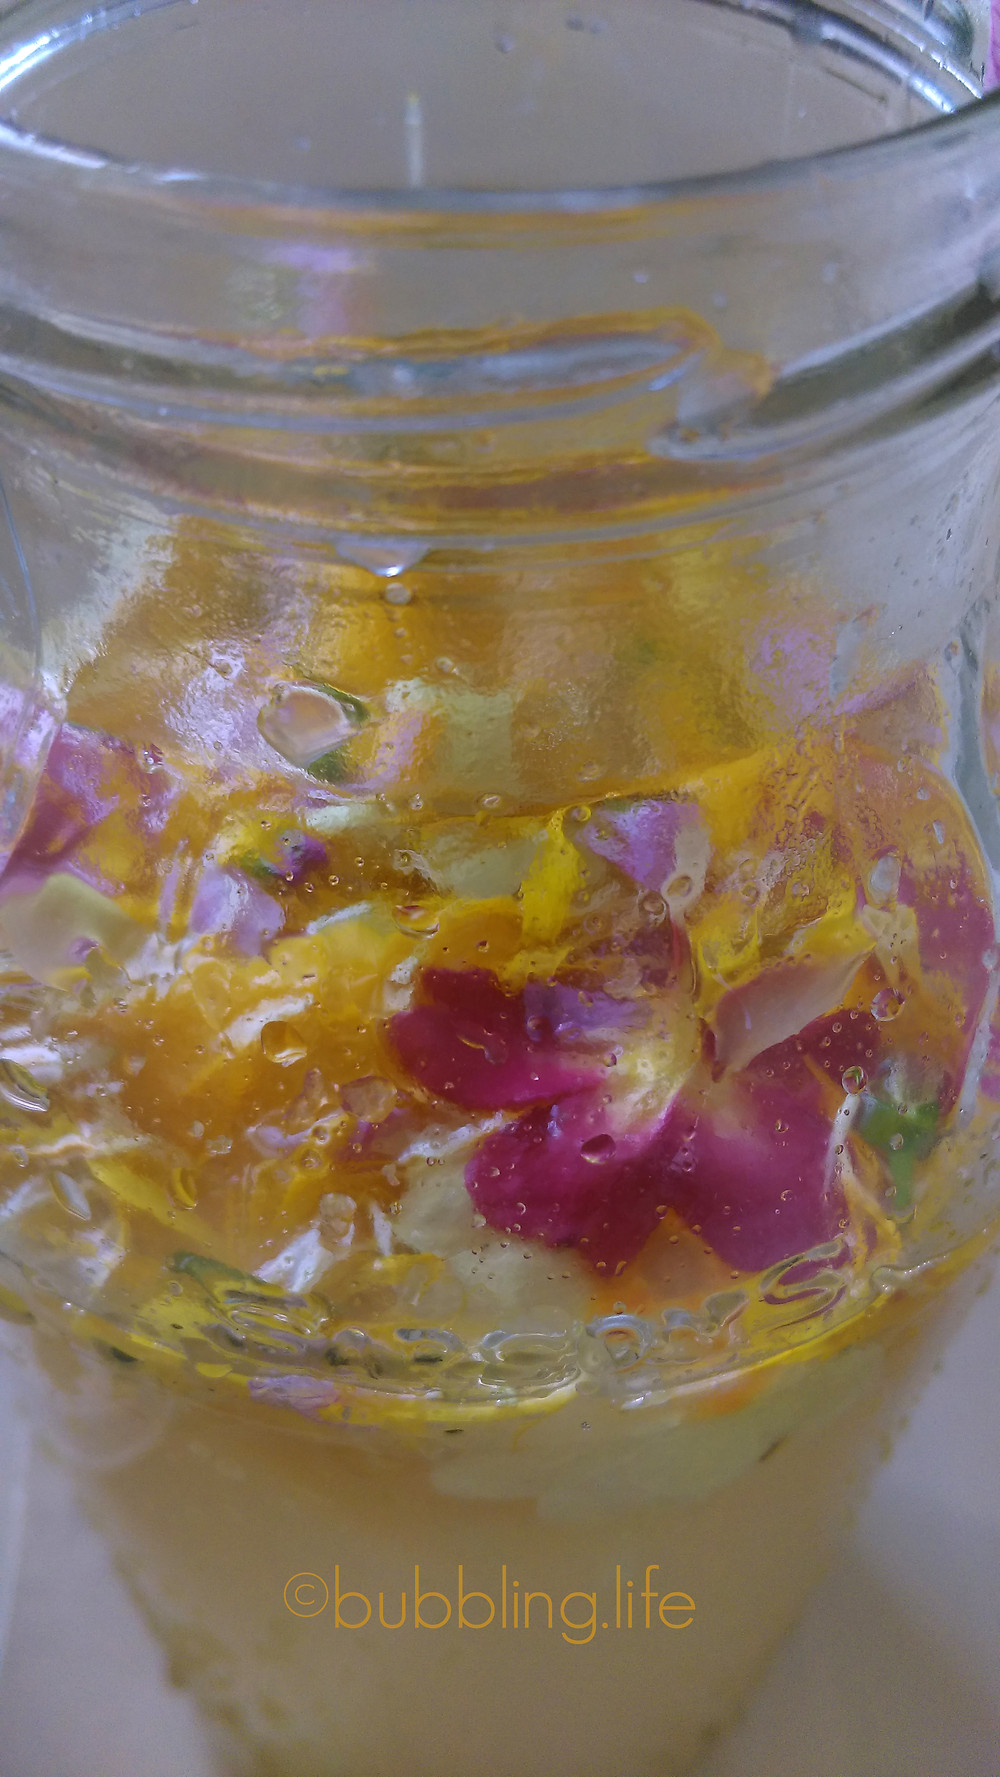 Gorgeous fizzy flower petal water kefir